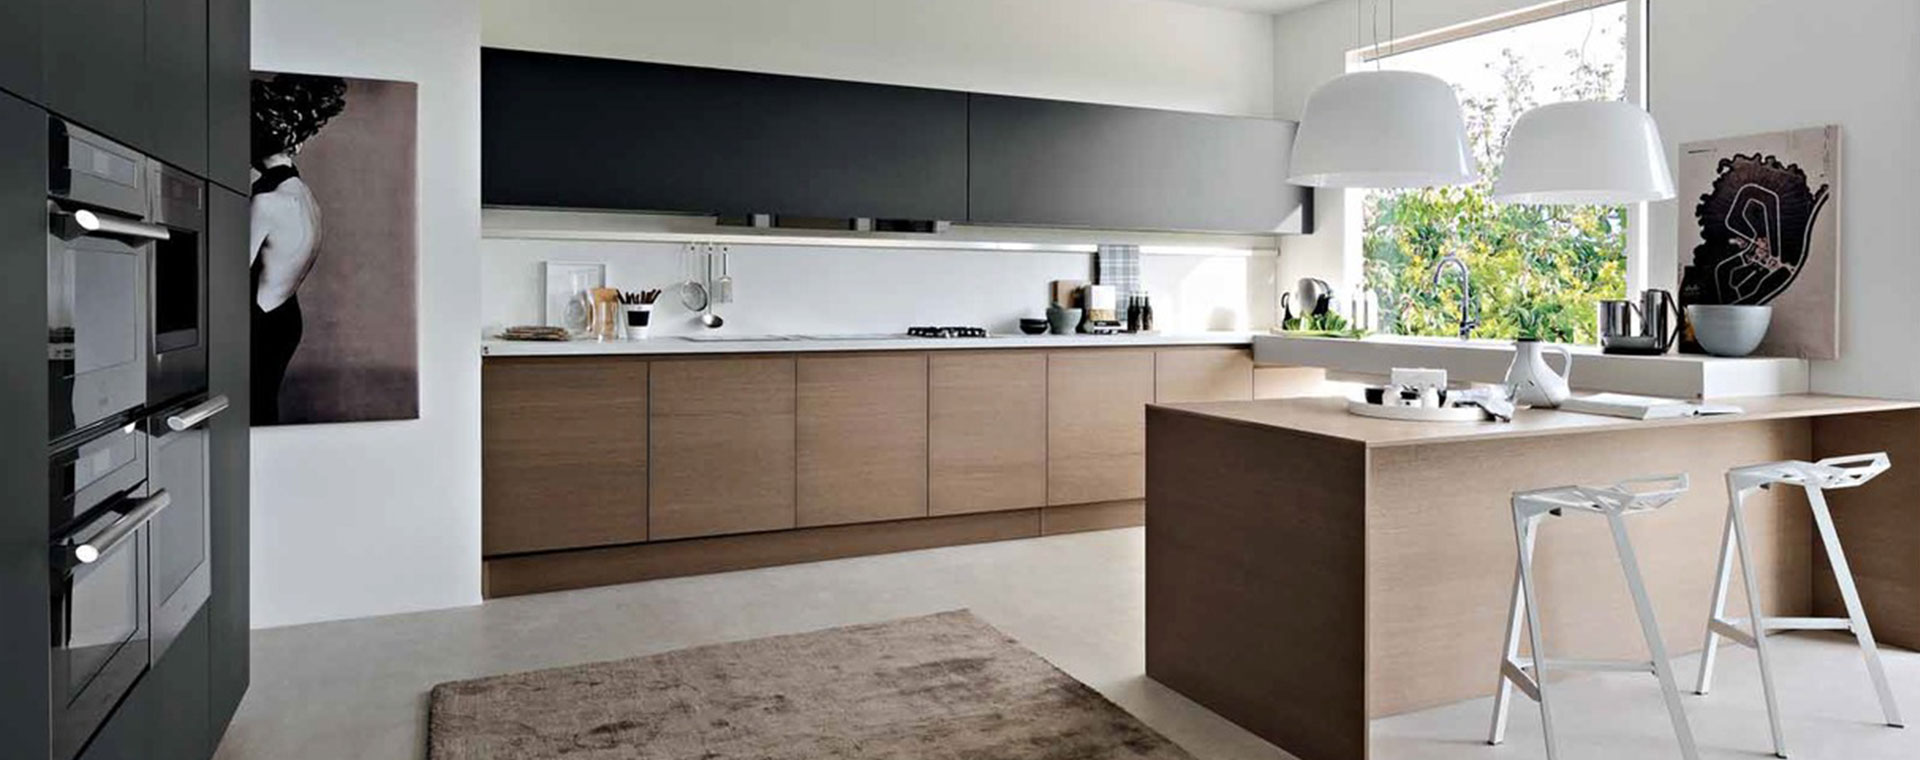 Master interior design for Corsi interior design veneto